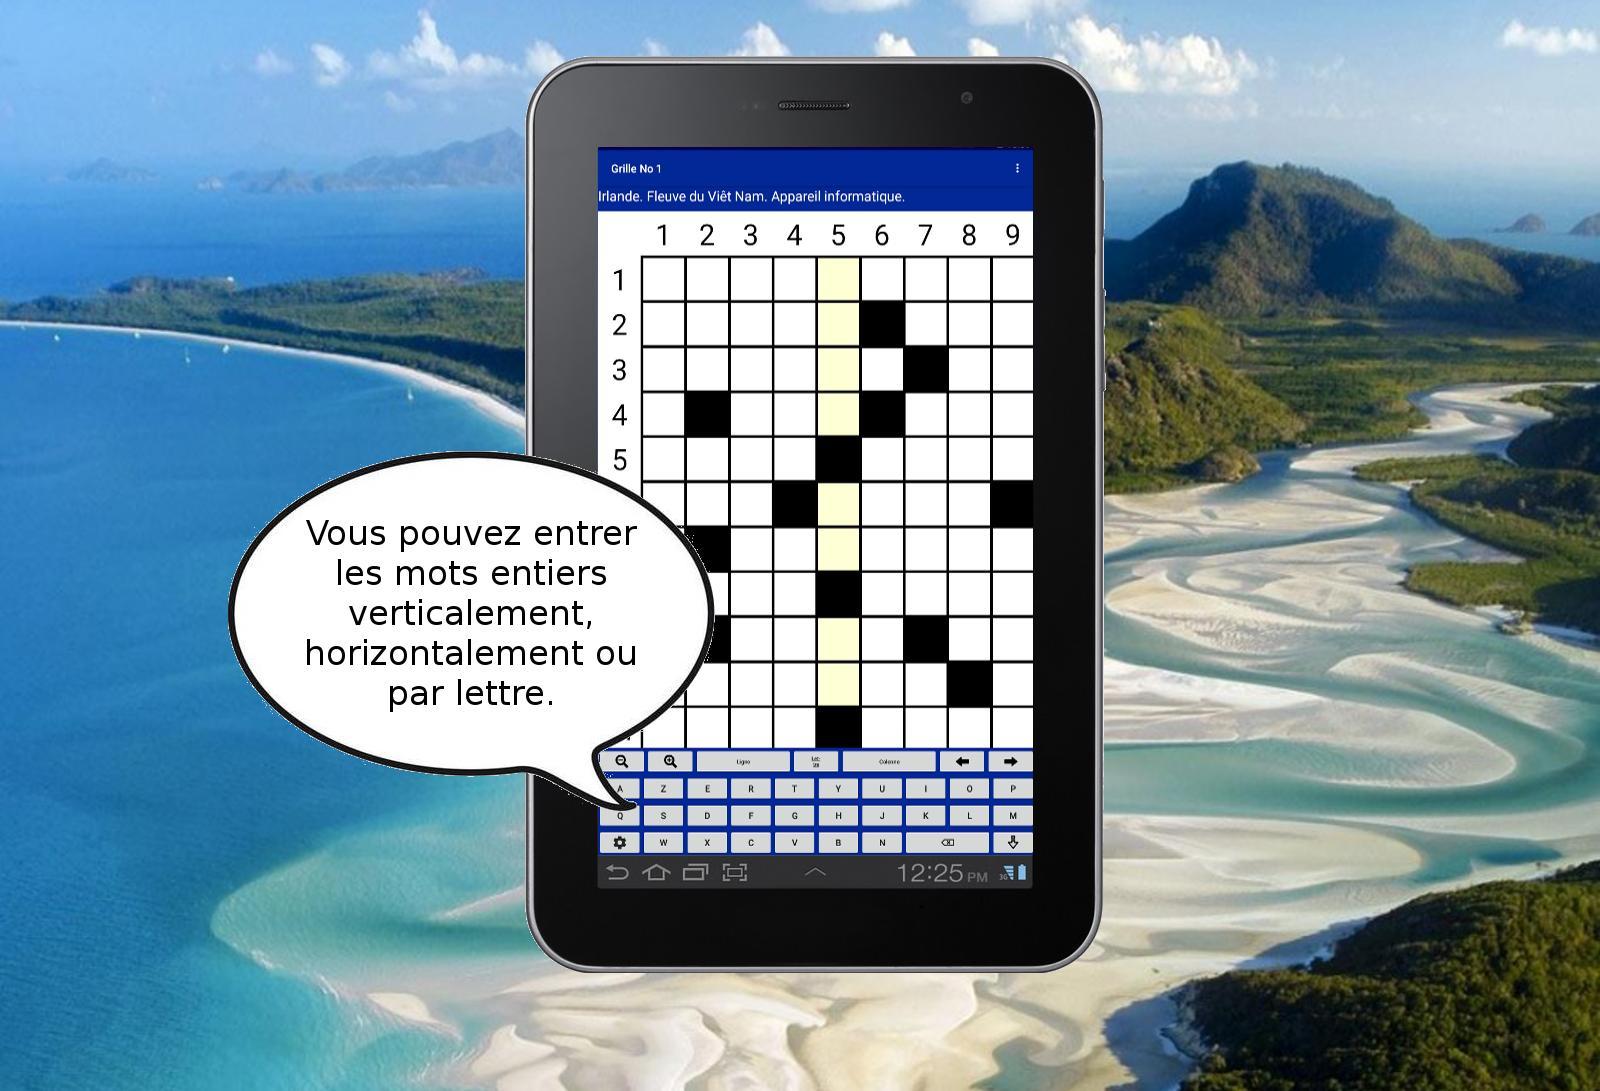 Android Için Mots Croisés Gratuits 2 - Jeu De Lettres. - Apk destiné Jeu De Mot Croisé